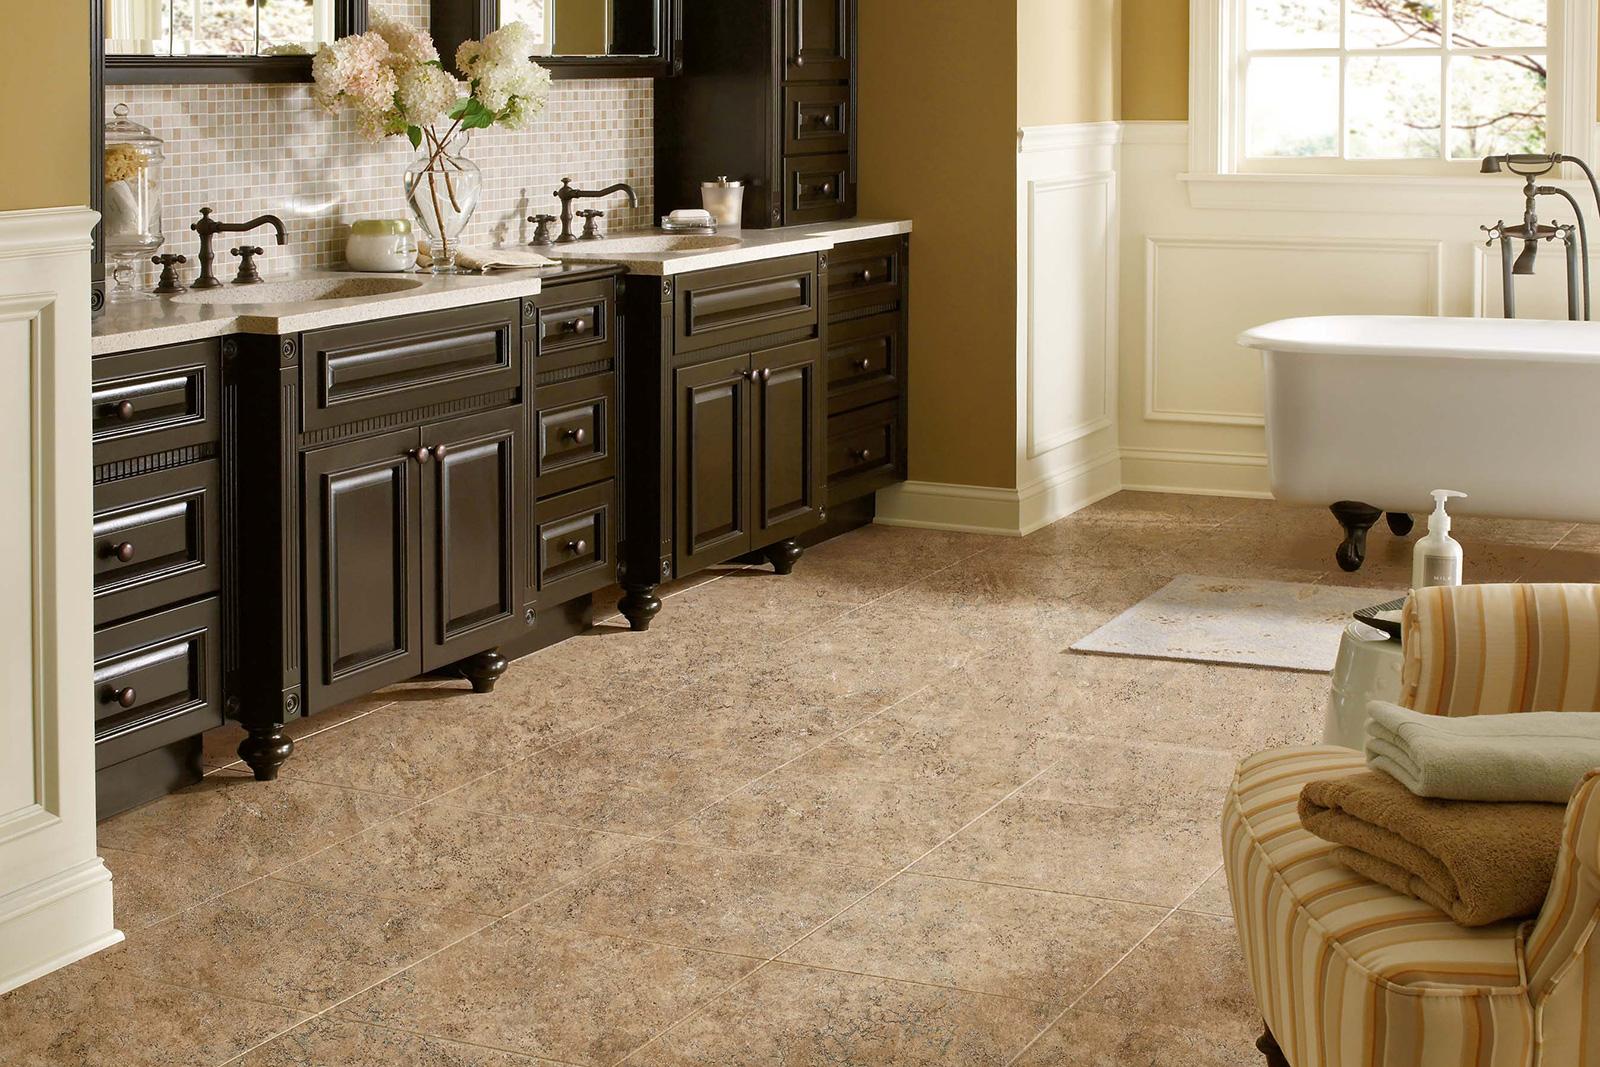 Bathroom floor |  Options for bathroom floors GIUZZYK